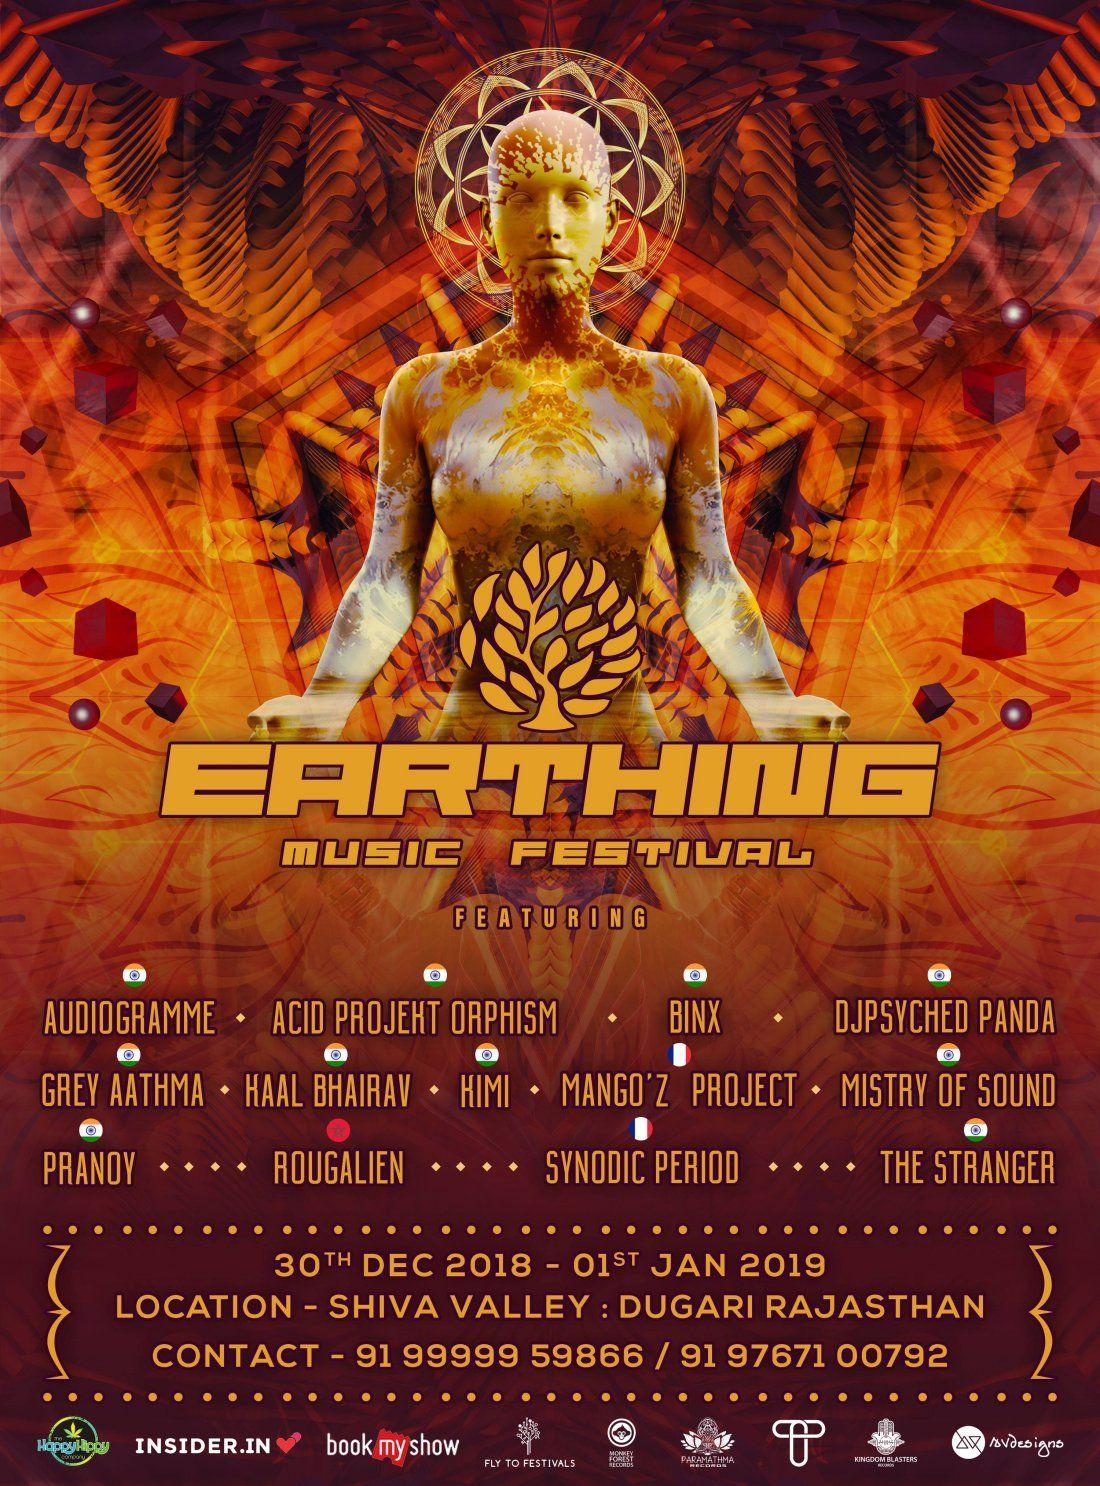 Earthing Music Festival 2018